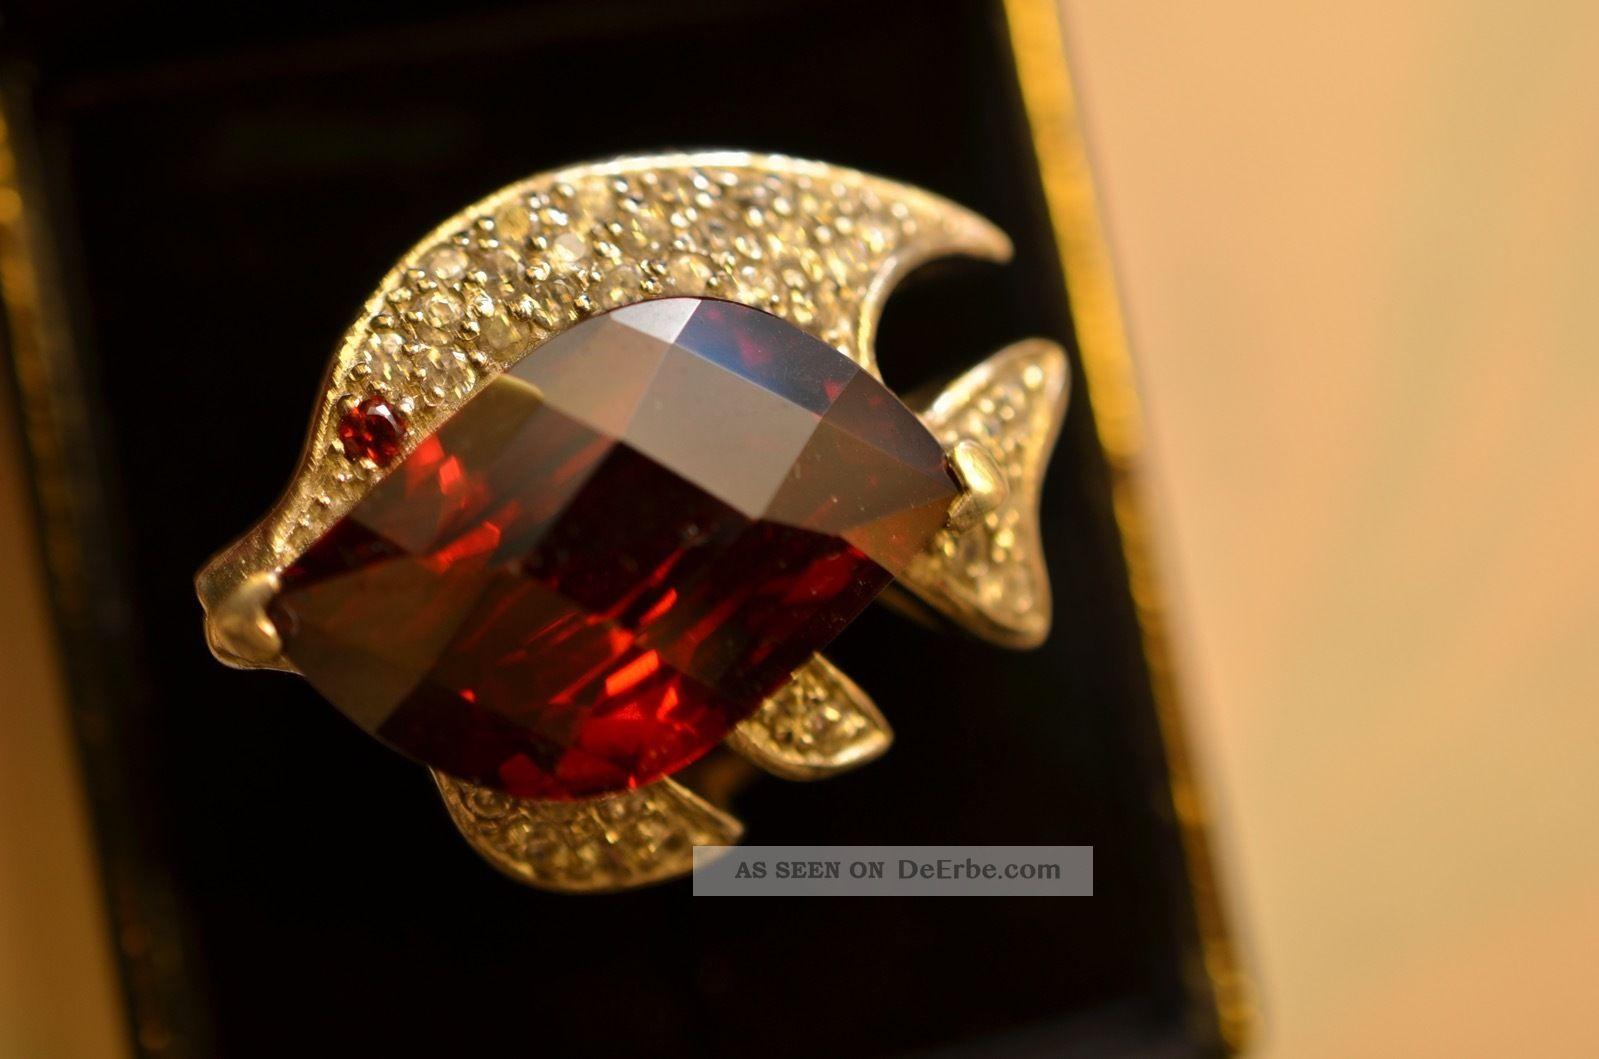 Prunkvoller Ausgefallener Massiv Silber 925 Damenring Fischform Mit Steinen Ringe Bild